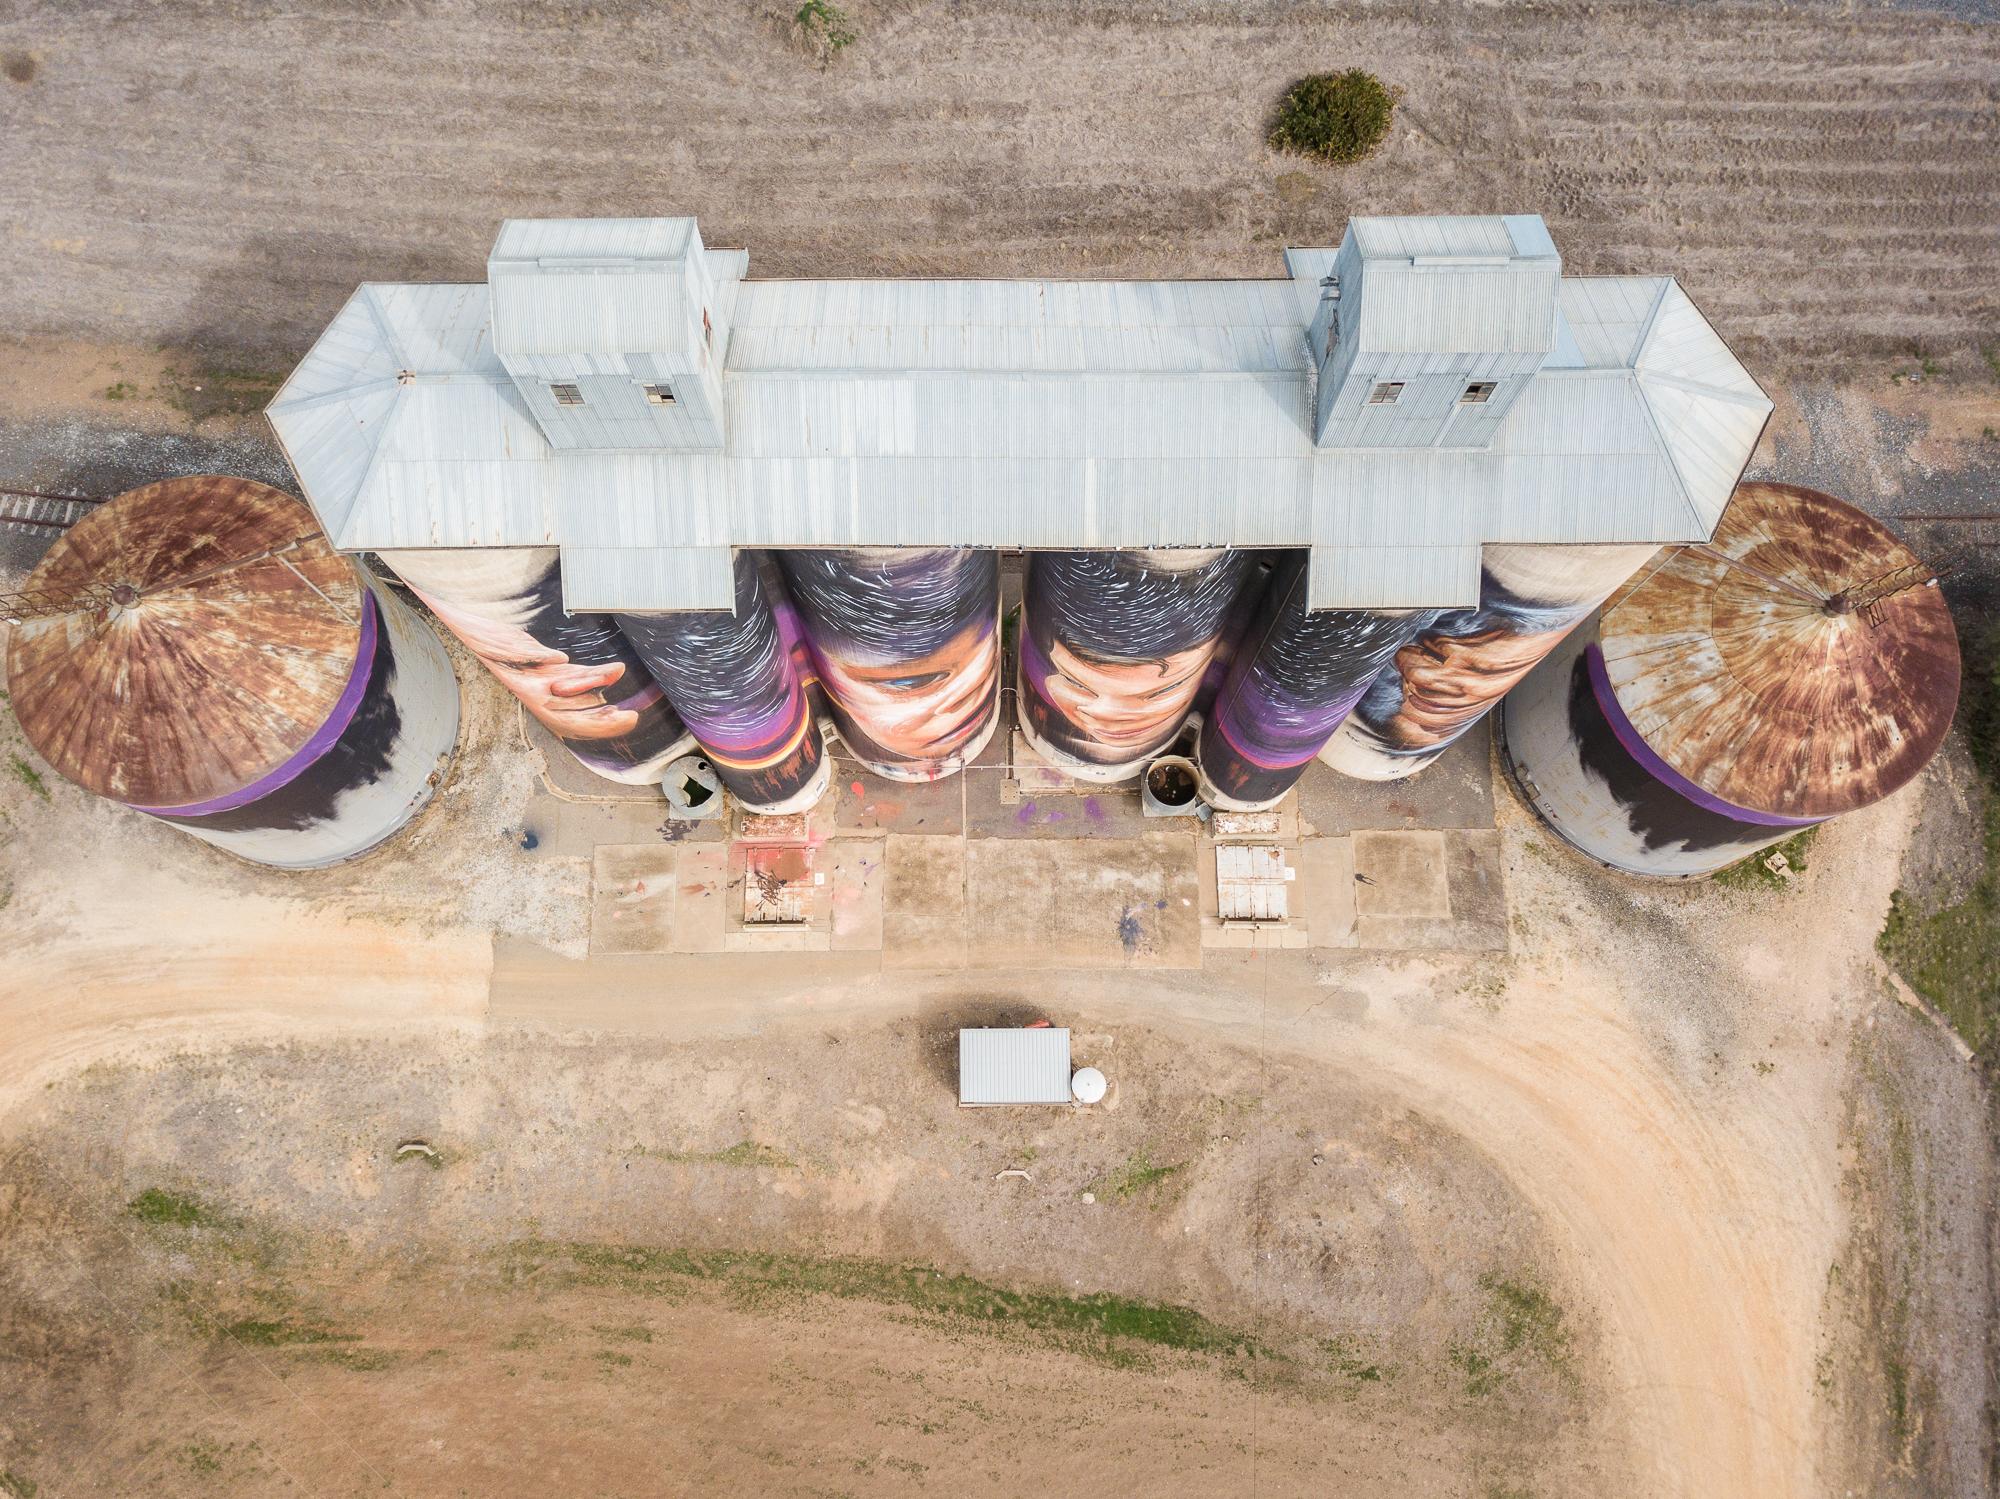 silo-art-trail-solis-7.jpg